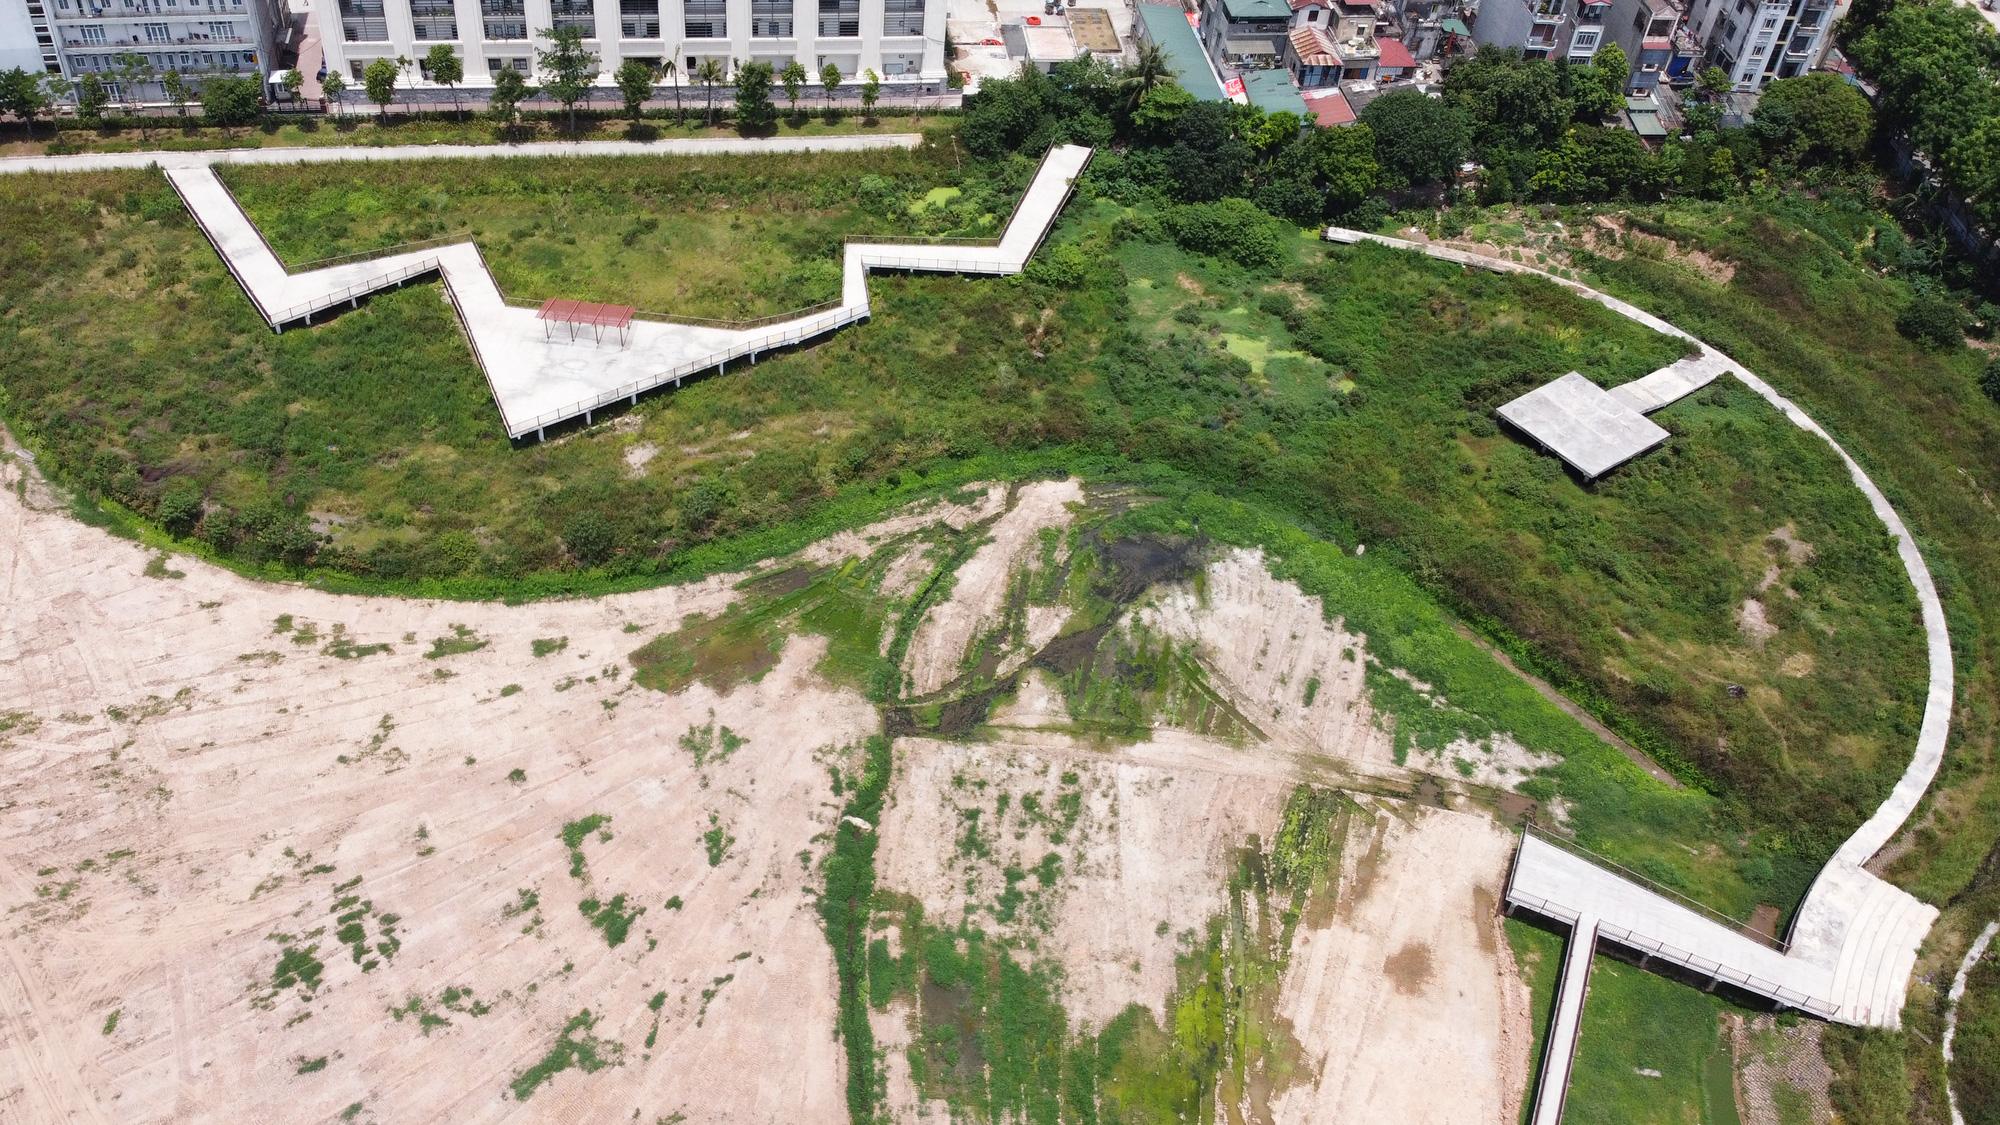 Công viên điều hòa Phùng Khoang nằm im sau 4 năm động thổ - Ảnh 8.